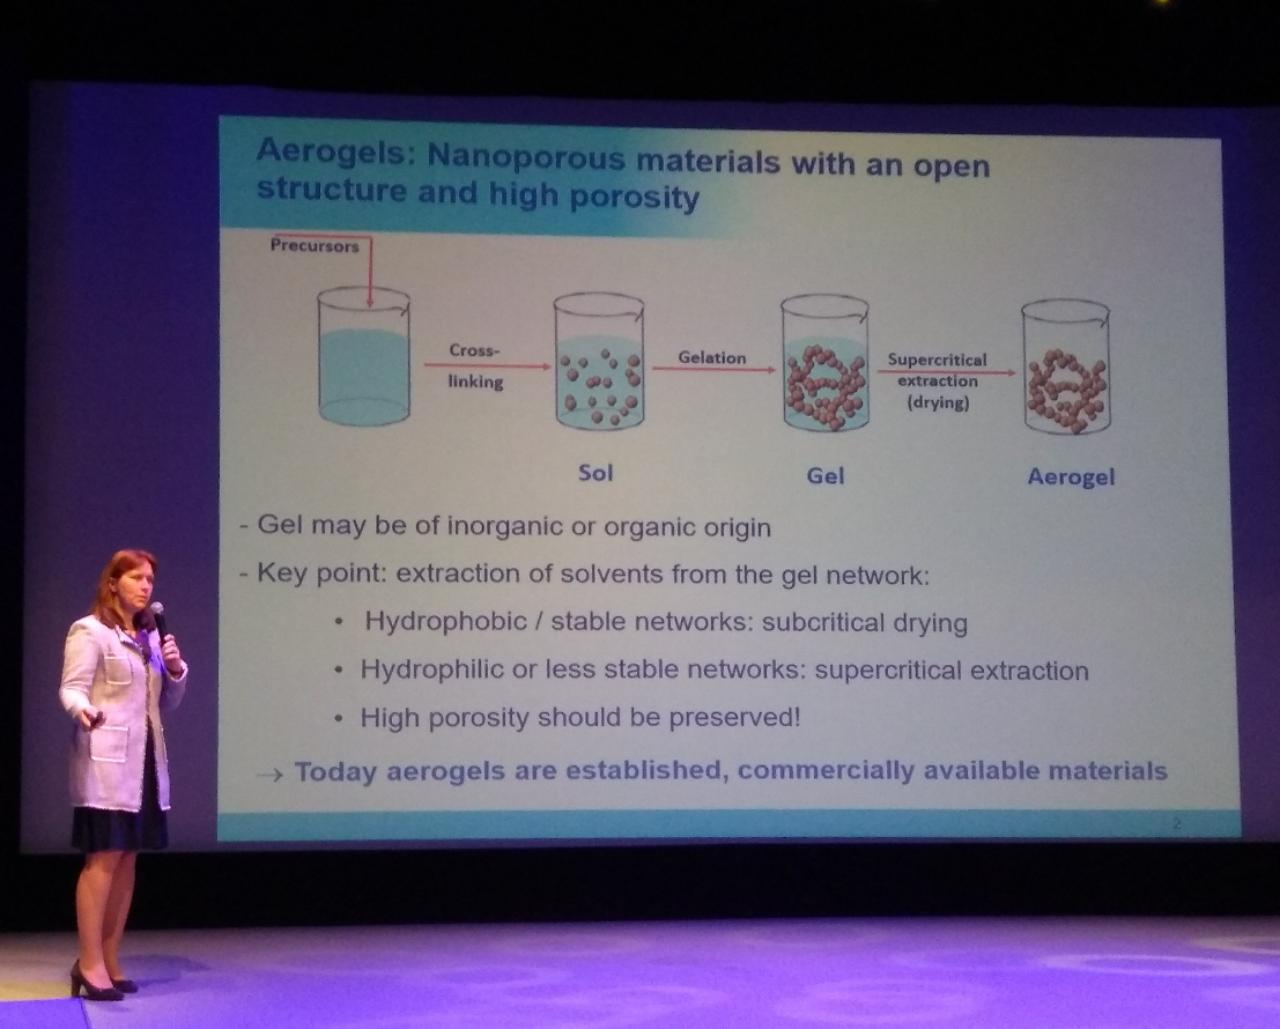 12th International Symposium on Supercritical Fluids: NanoHybrids